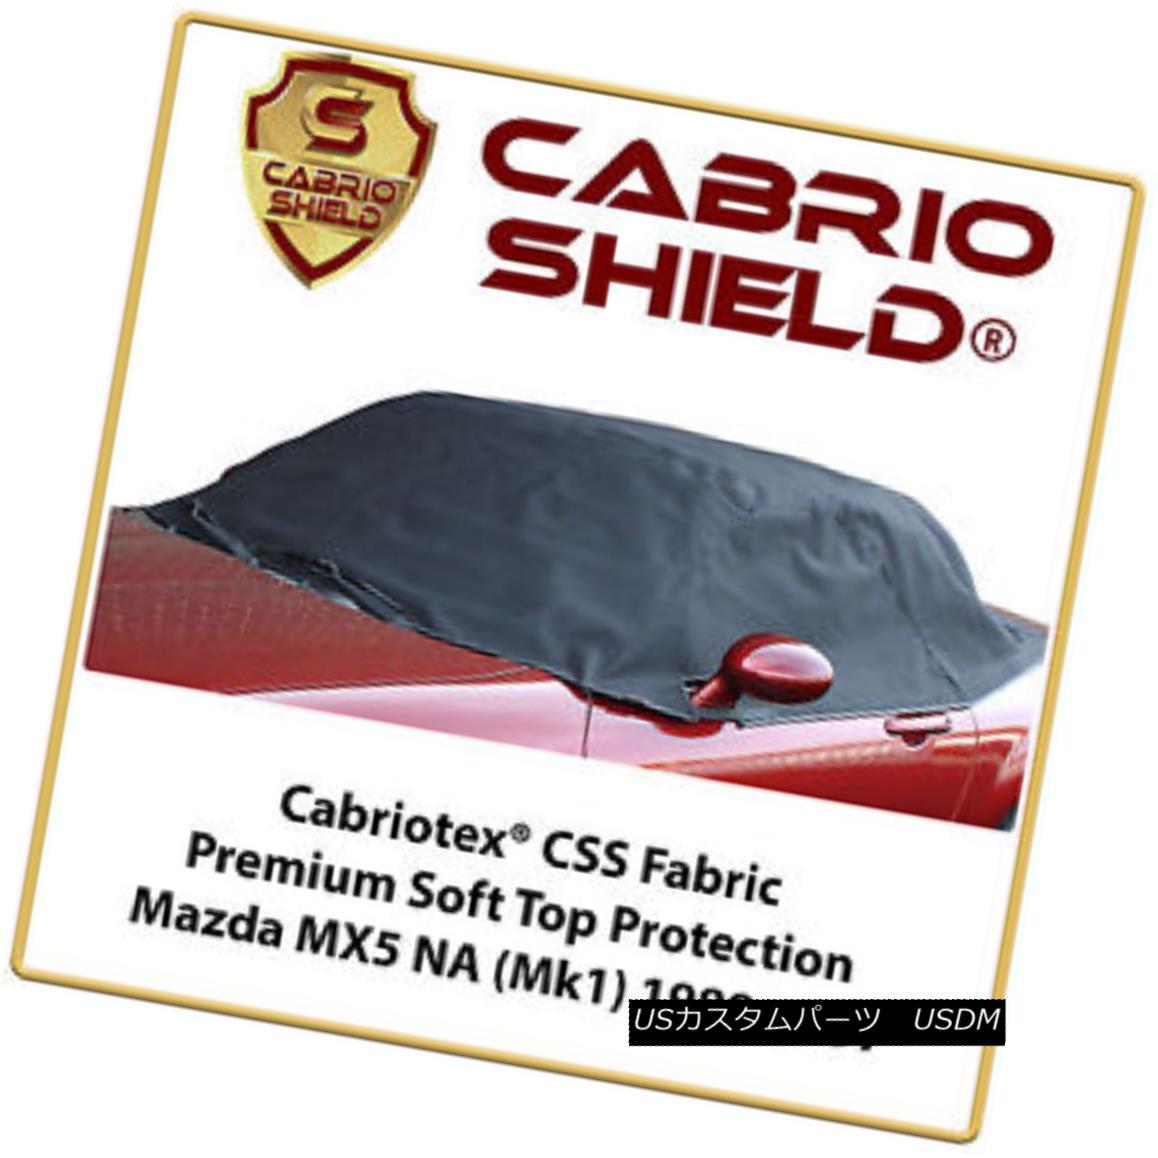 幌・ソフトトップ Mazda MX5 NA Soft Top Protection Premium Cabrio Shield 1989-1997 マツダMX5 NAソフトトッププロテクションプレミアムカブリオシールド1989-1997